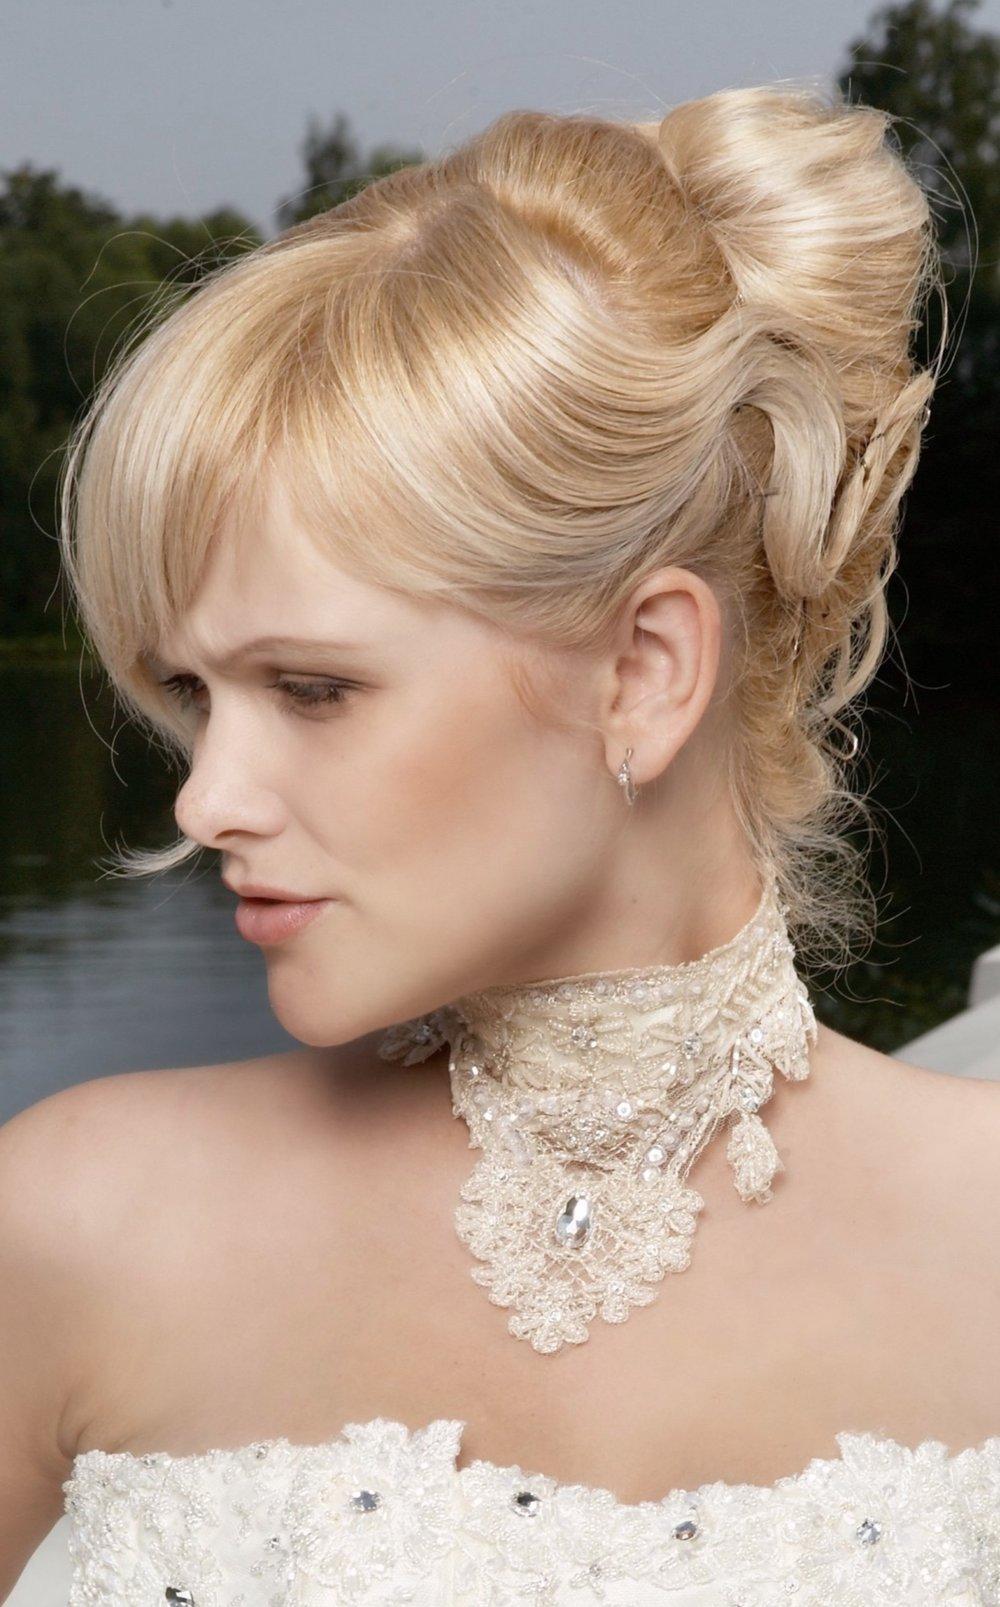 Bridal makeup and hair updo wedding.jpg